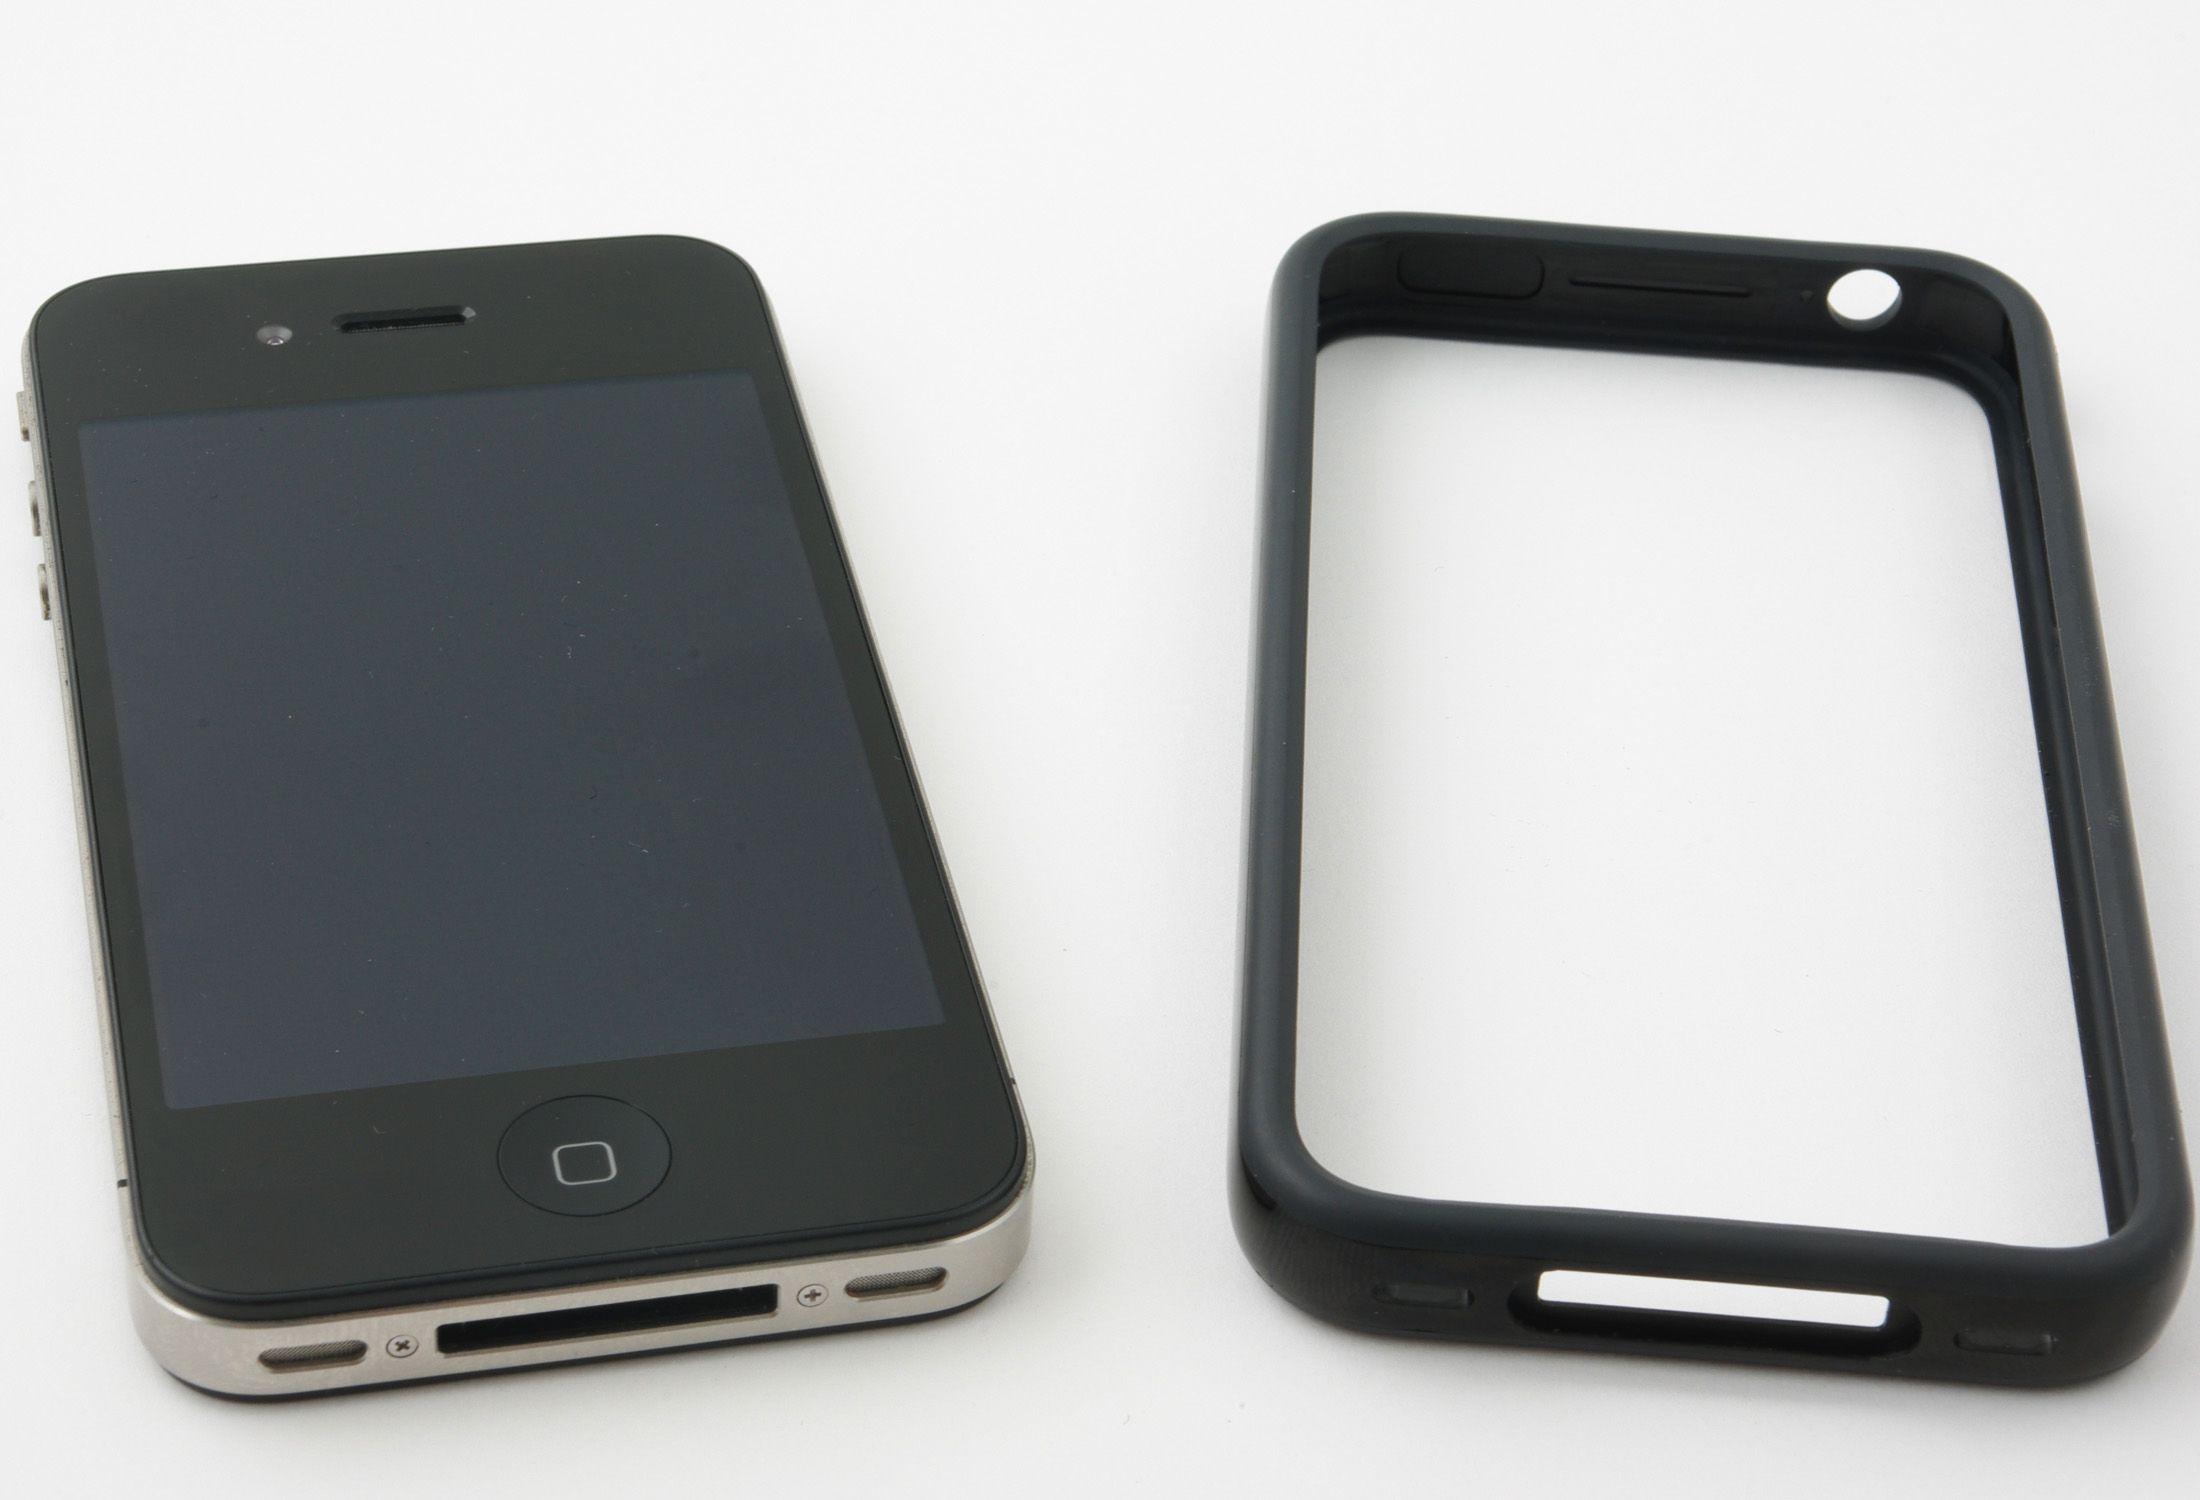 """Slik ser Apples deksel ut. De kaller det en """"Bumper"""". Den følger ikke med i pakken og må kjøpes utenom. Den skal forbedre mottaket, men vi brukte den kun på en testrunde med t-banen."""